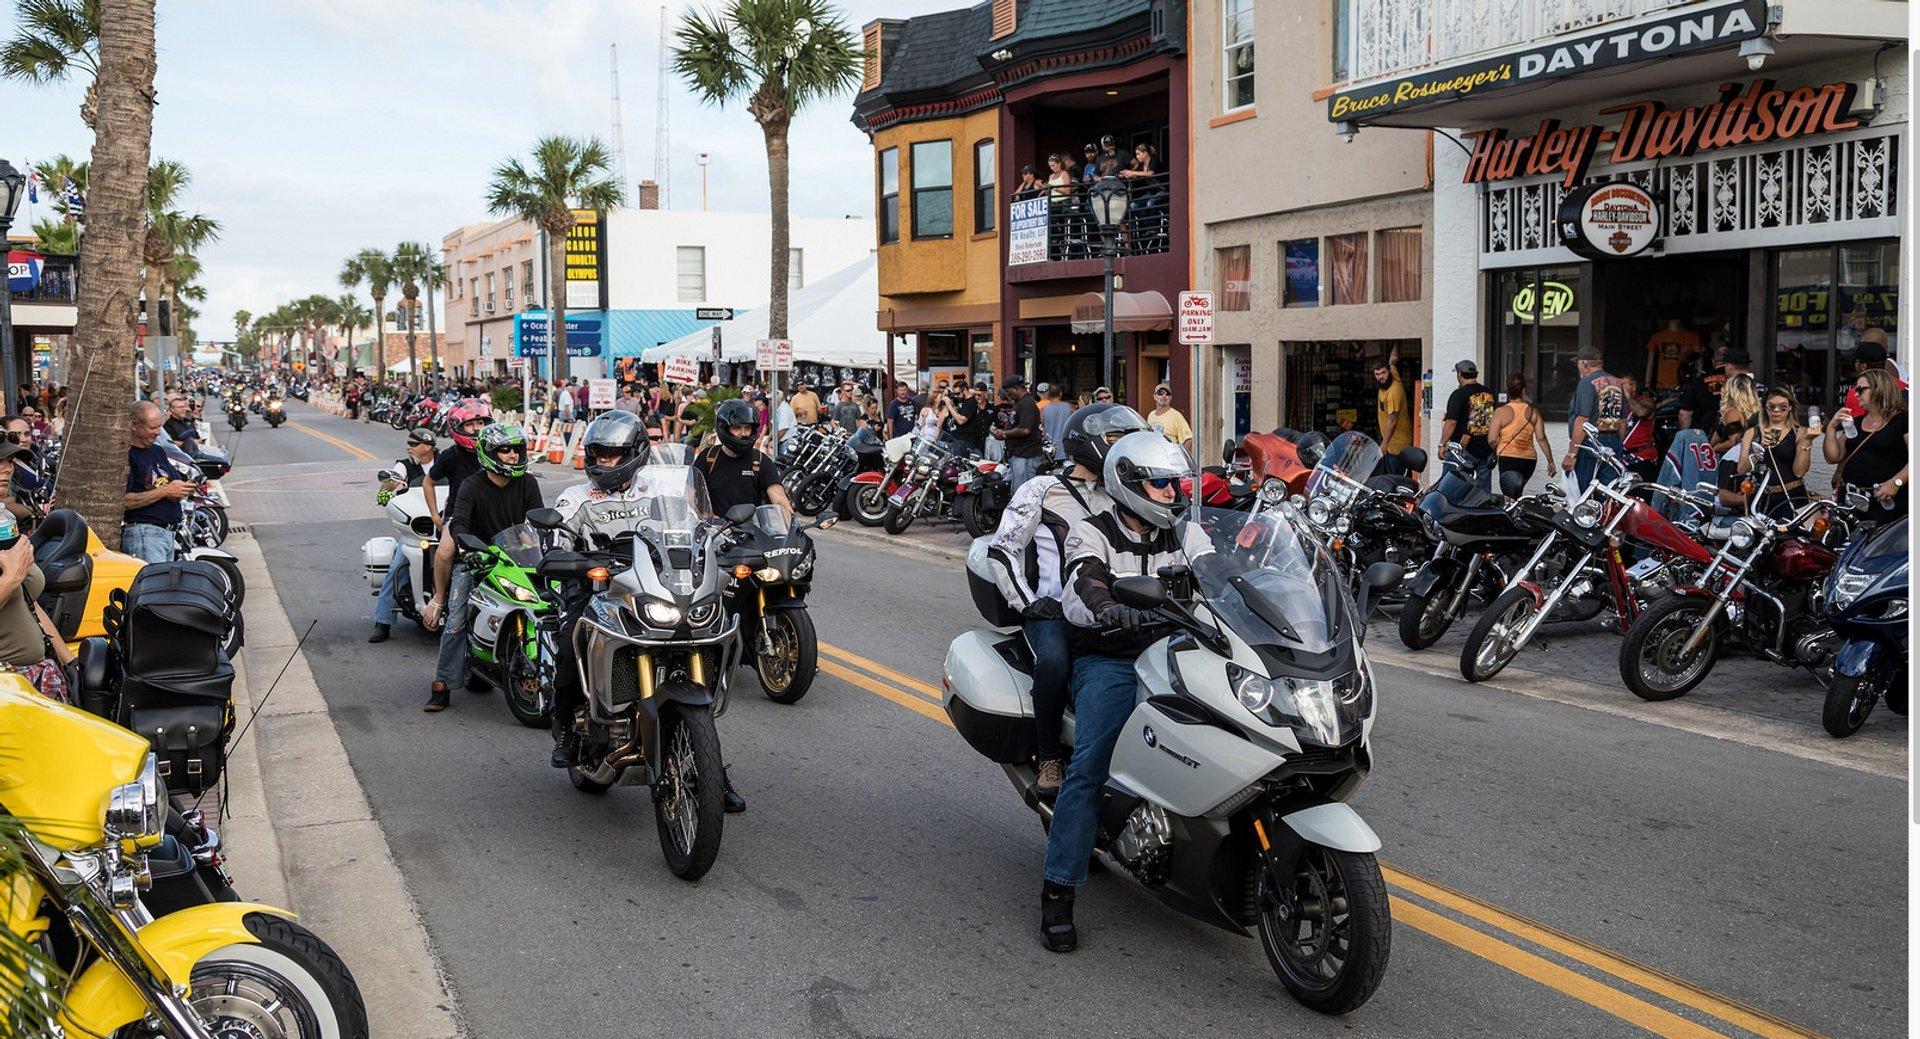 Best time to see Daytona Beach Bike Week in Florida 2019